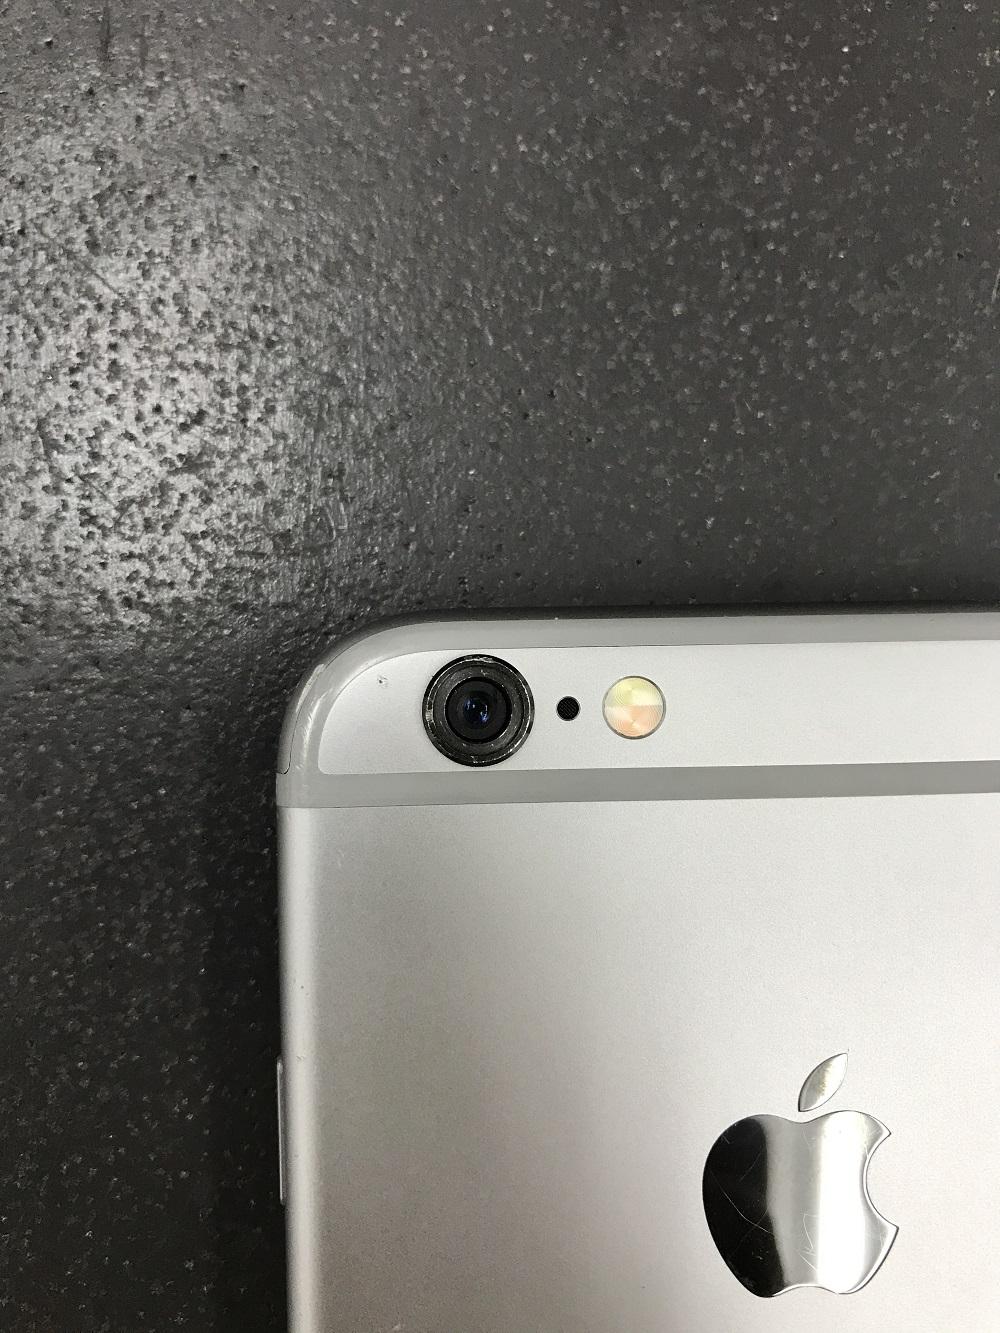 アイフォンアウトカメラ故障 クリーニング後1